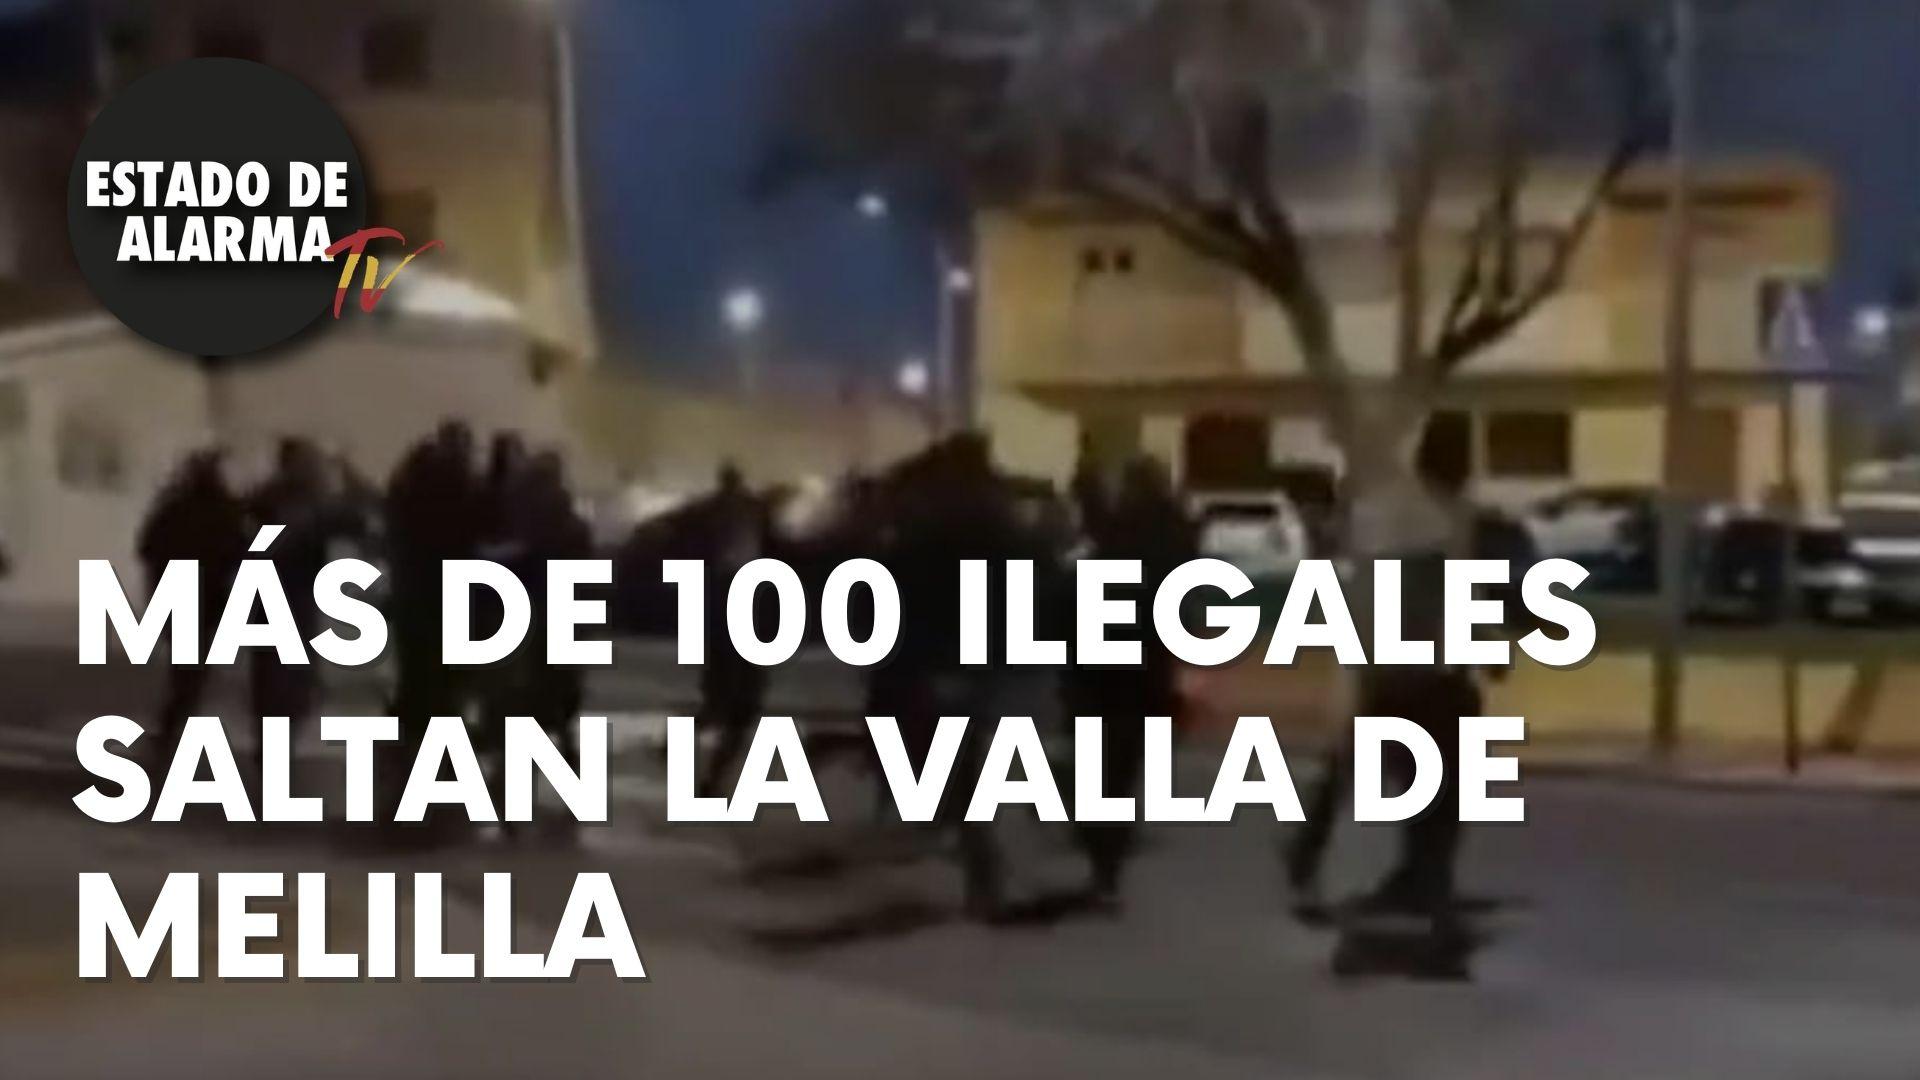 Más de 100 ilegales saltan la valla de Melilla